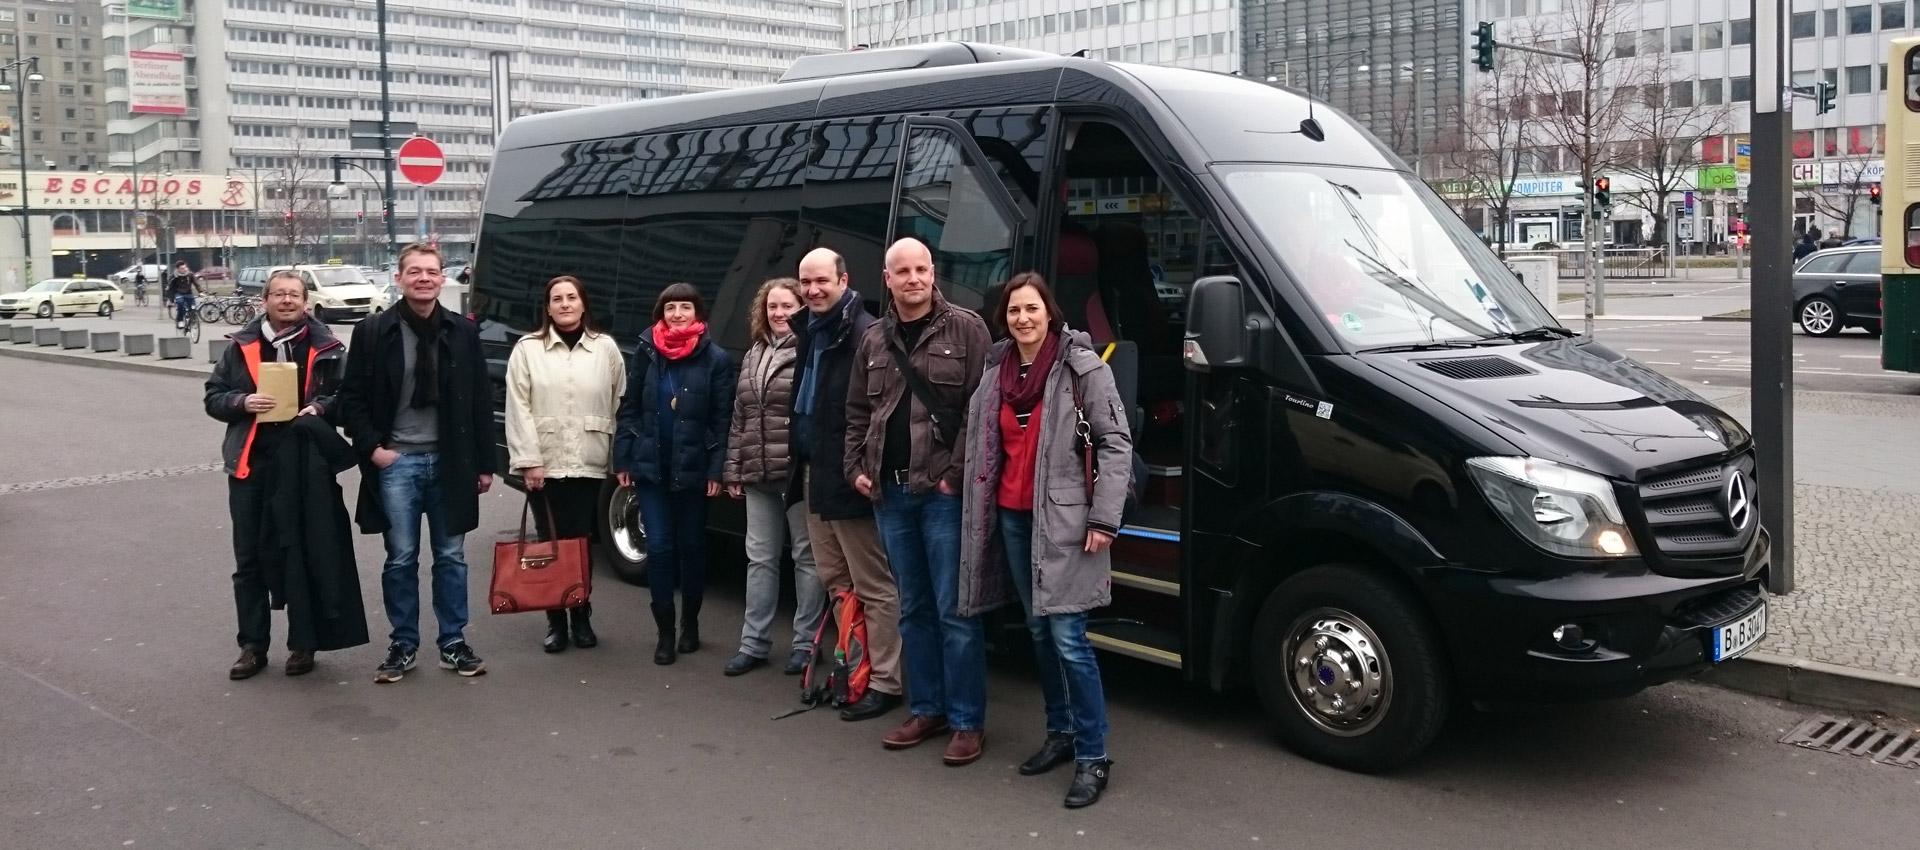 Ihre private Berlin Stadtrundfahrt in einem luxuriösen Minibus